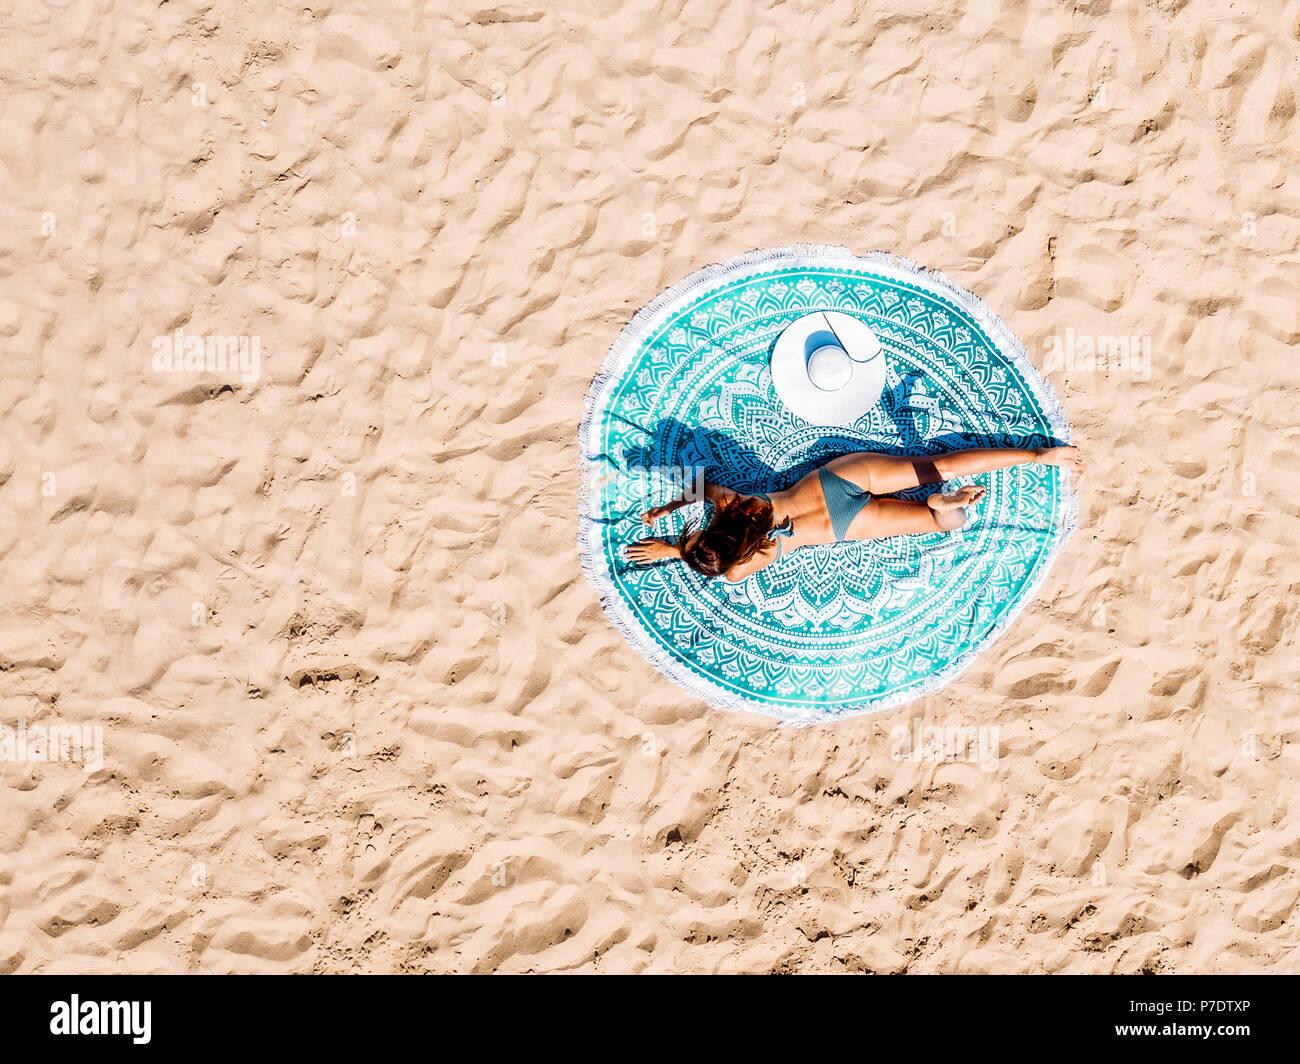 ee4c0d39aff4 Antena superior Drone Vista de mujer en traje de baño Bikini ...